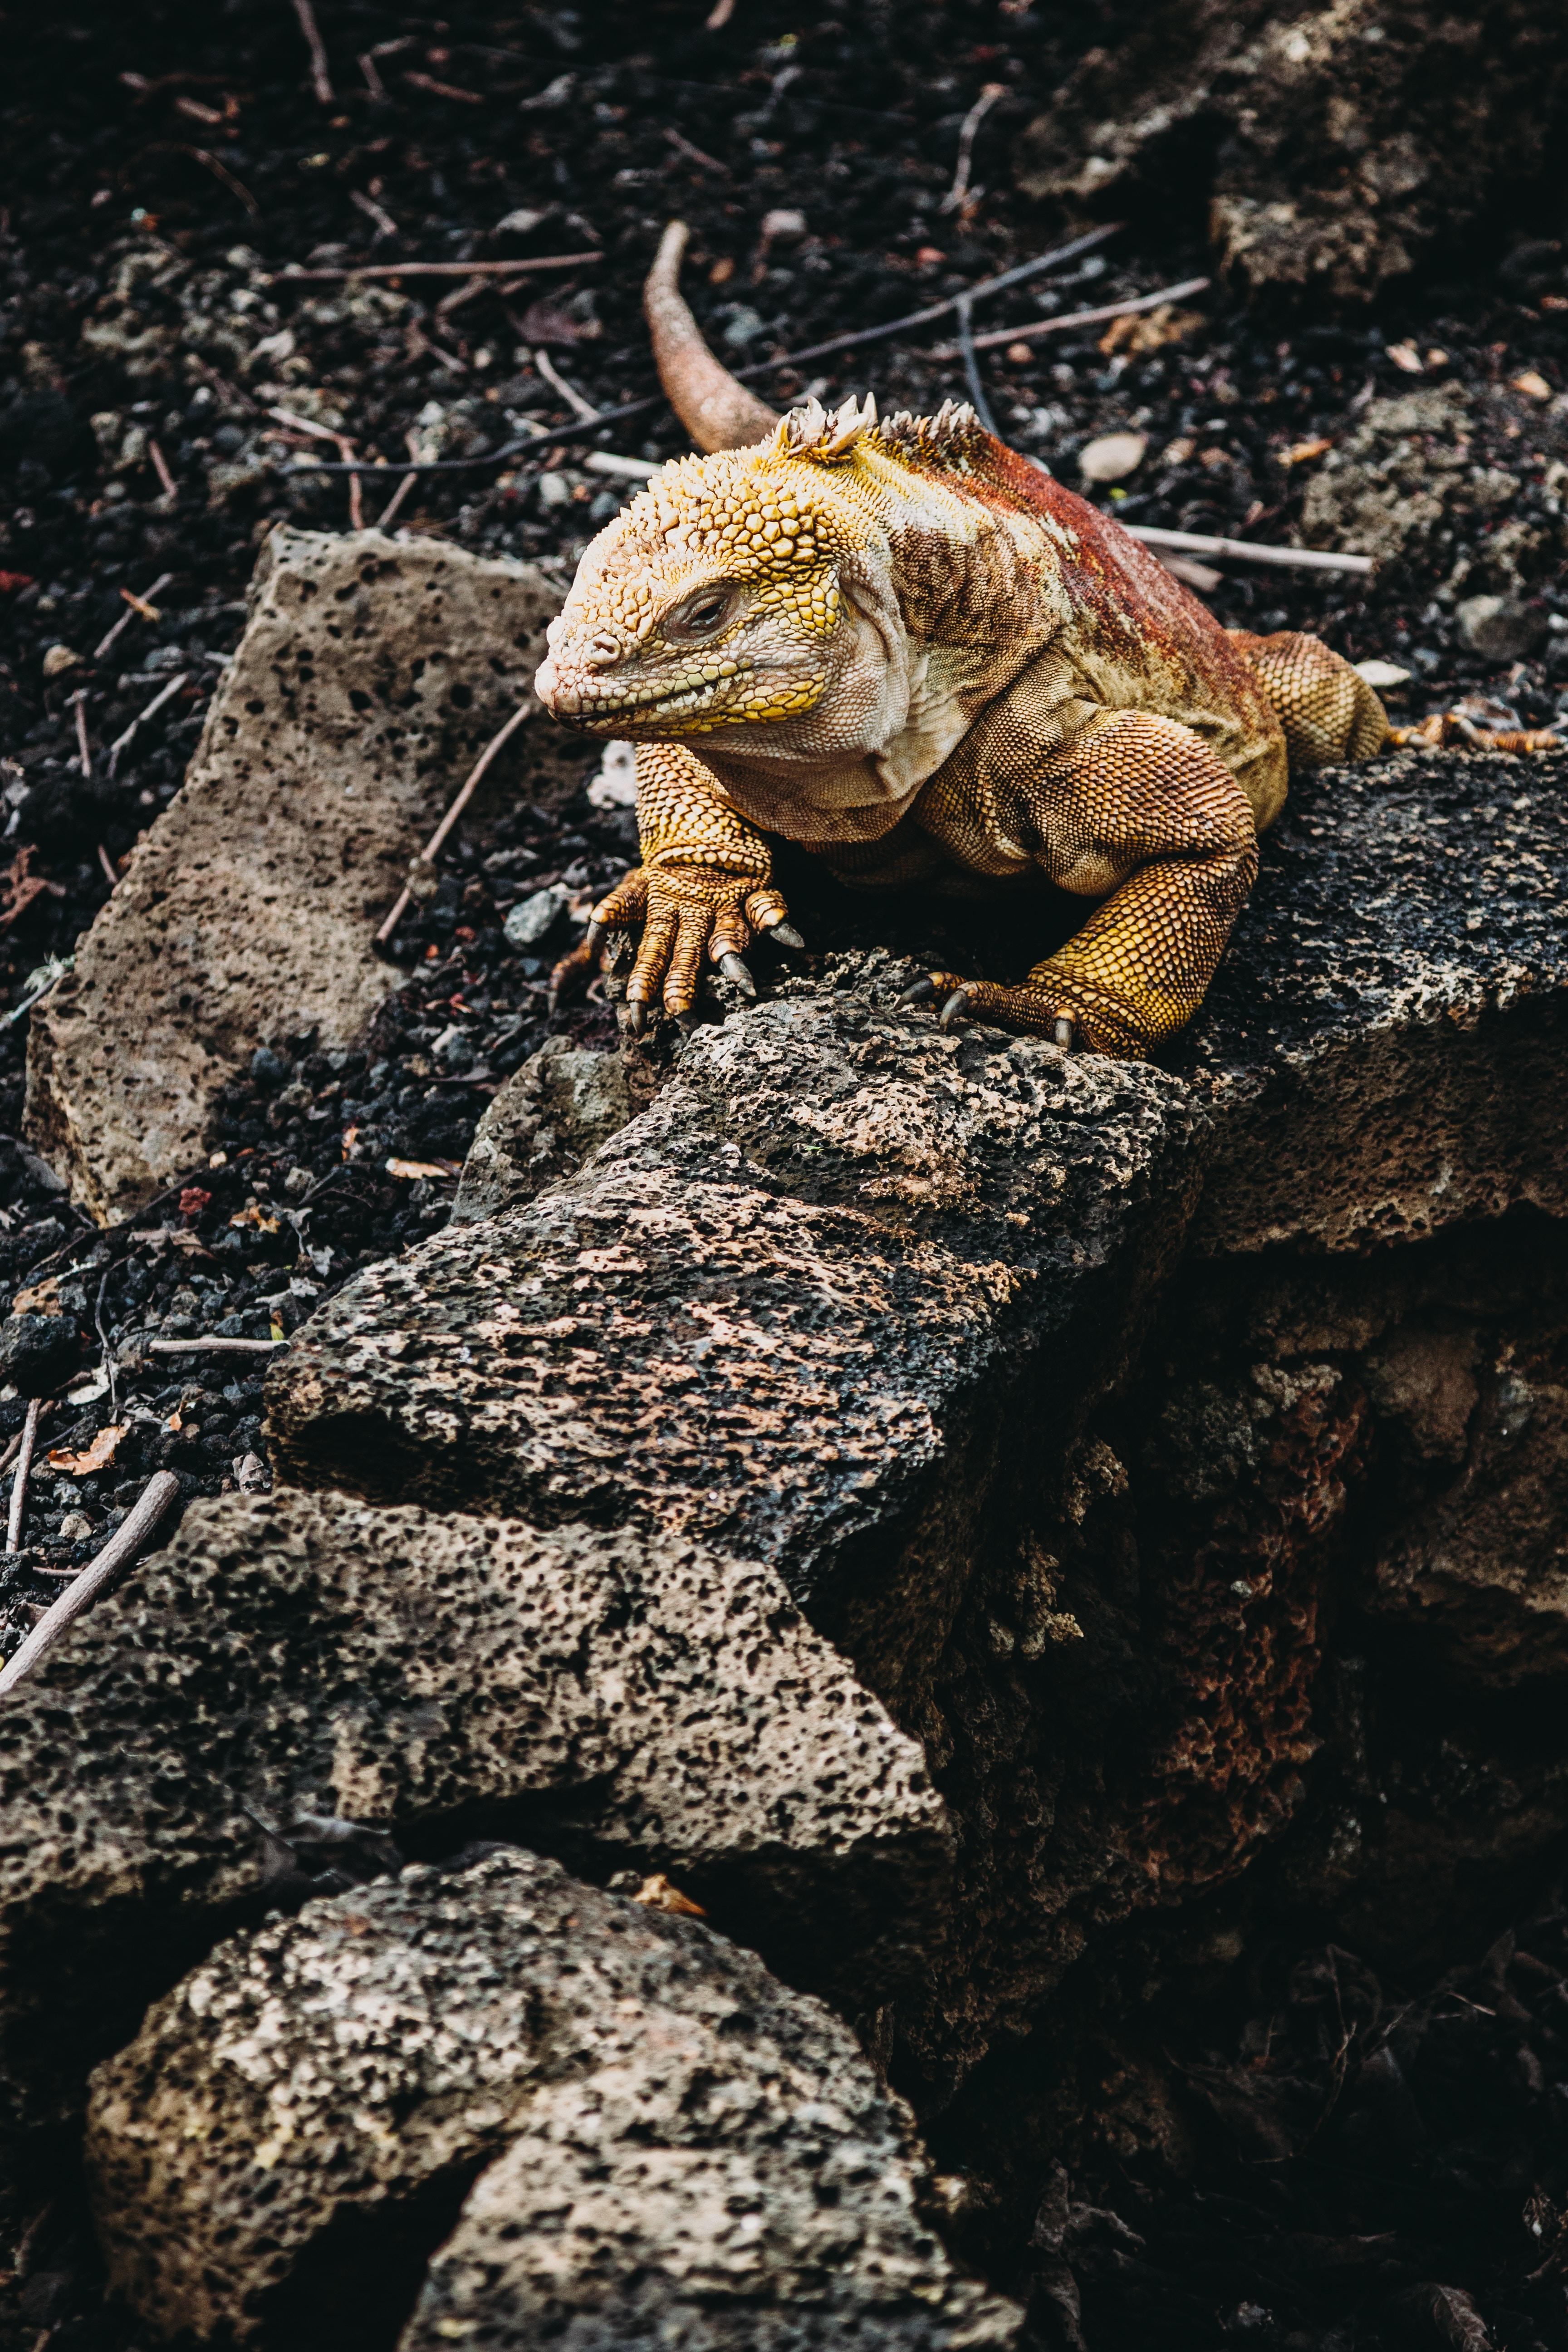 130214 Hintergrundbild herunterladen Tiere, Stones, Eidechse, Reptil, Reptile, Leguan, Iguana - Bildschirmschoner und Bilder kostenlos